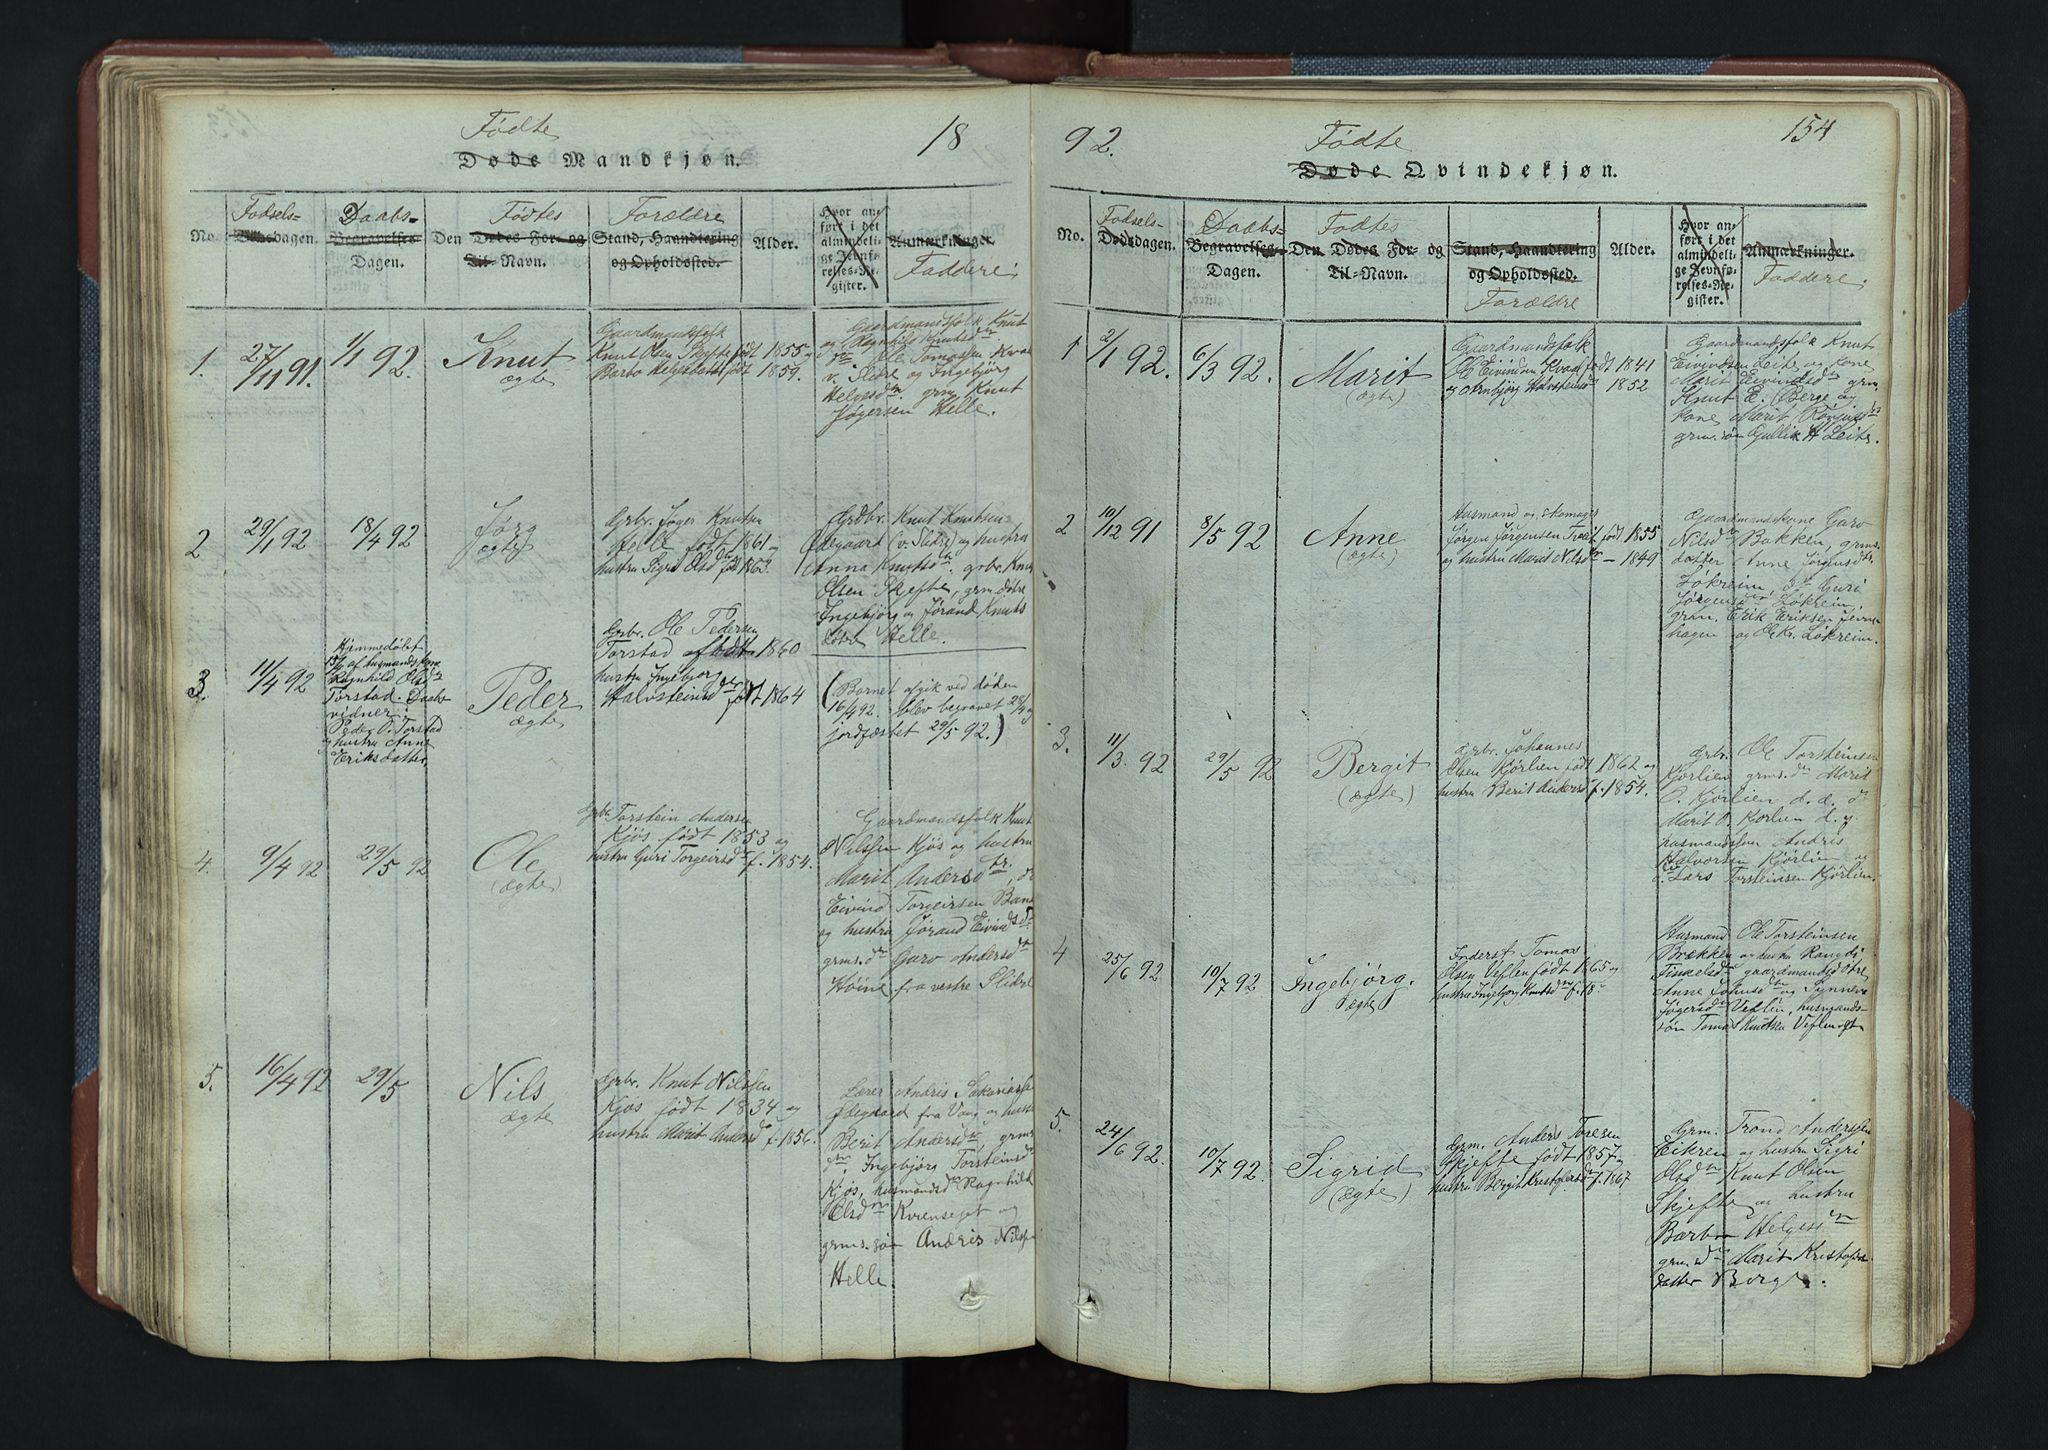 SAH, Vang prestekontor, Valdres, Klokkerbok nr. 3, 1814-1892, s. 154